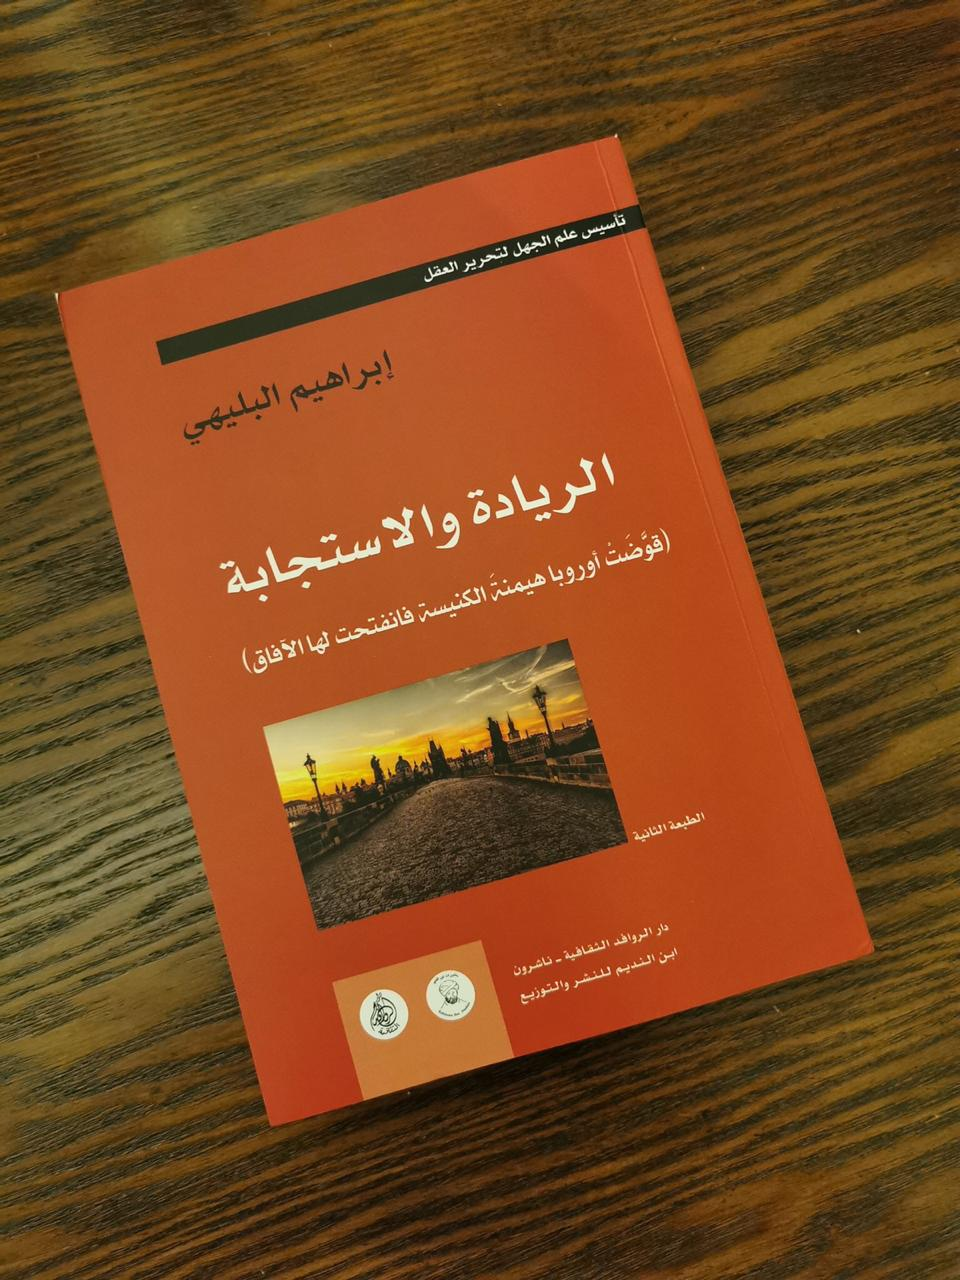 كتاب البليهي 5.jpg